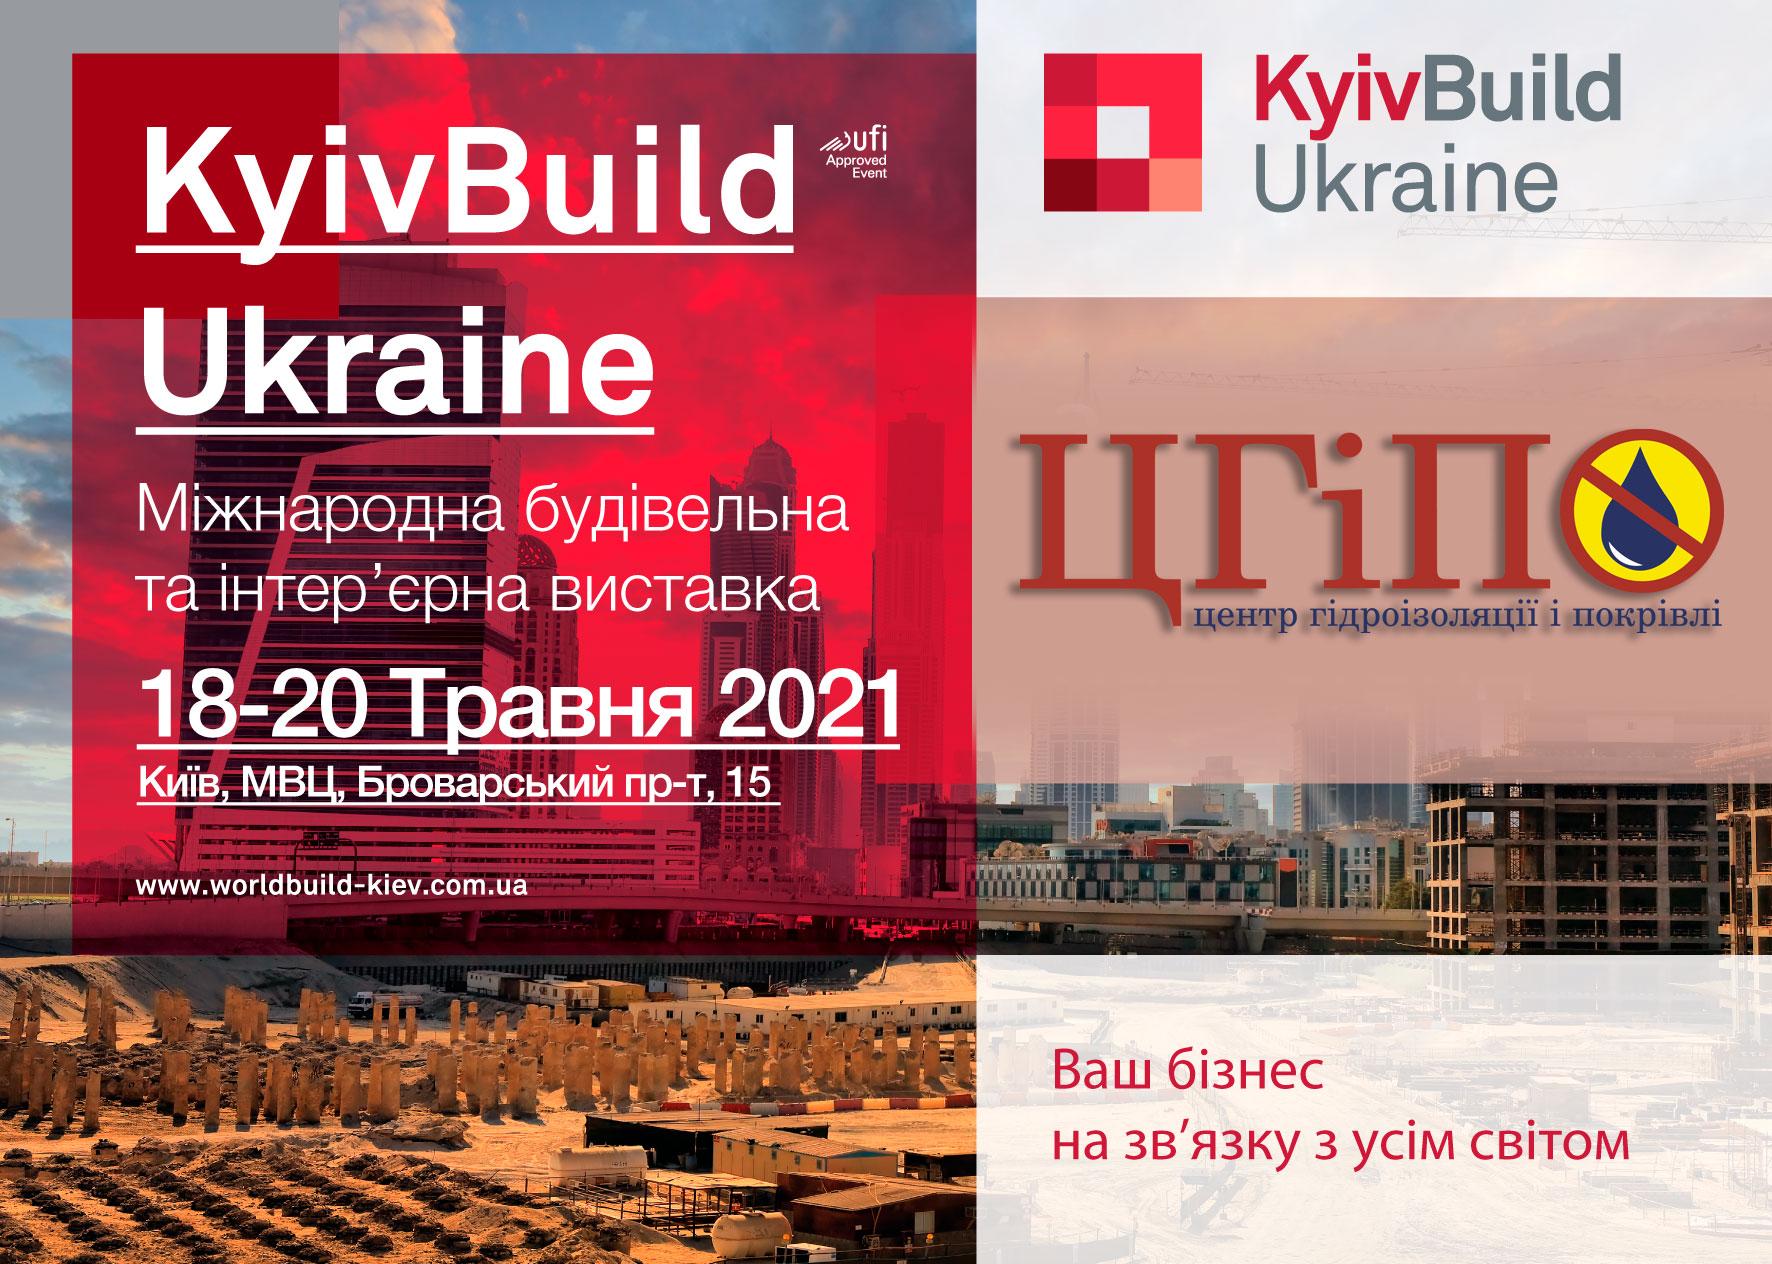 Международная выставка KyivBuild 2021